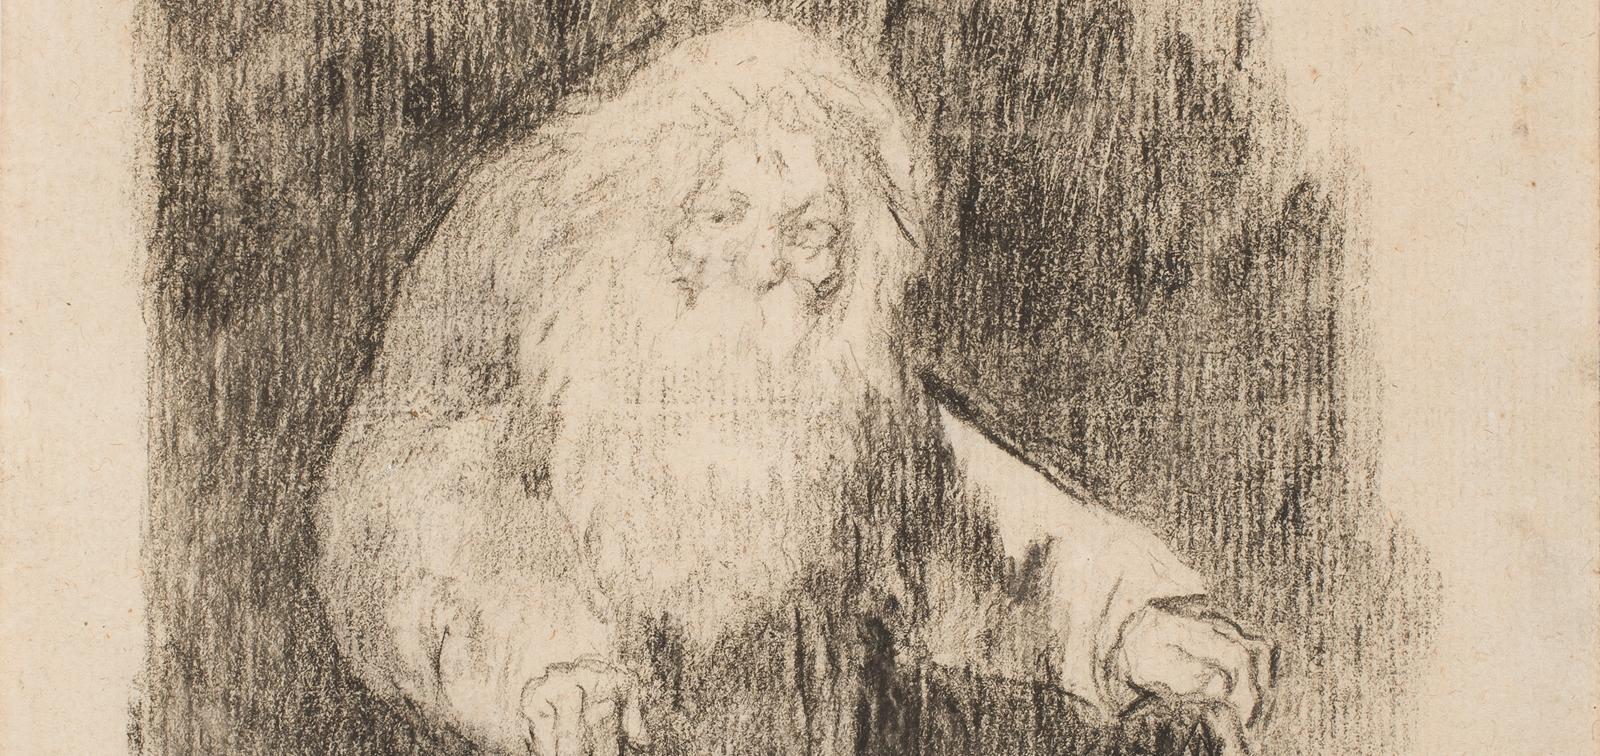 Instalación temporal: Dibujos de Goya restaurados